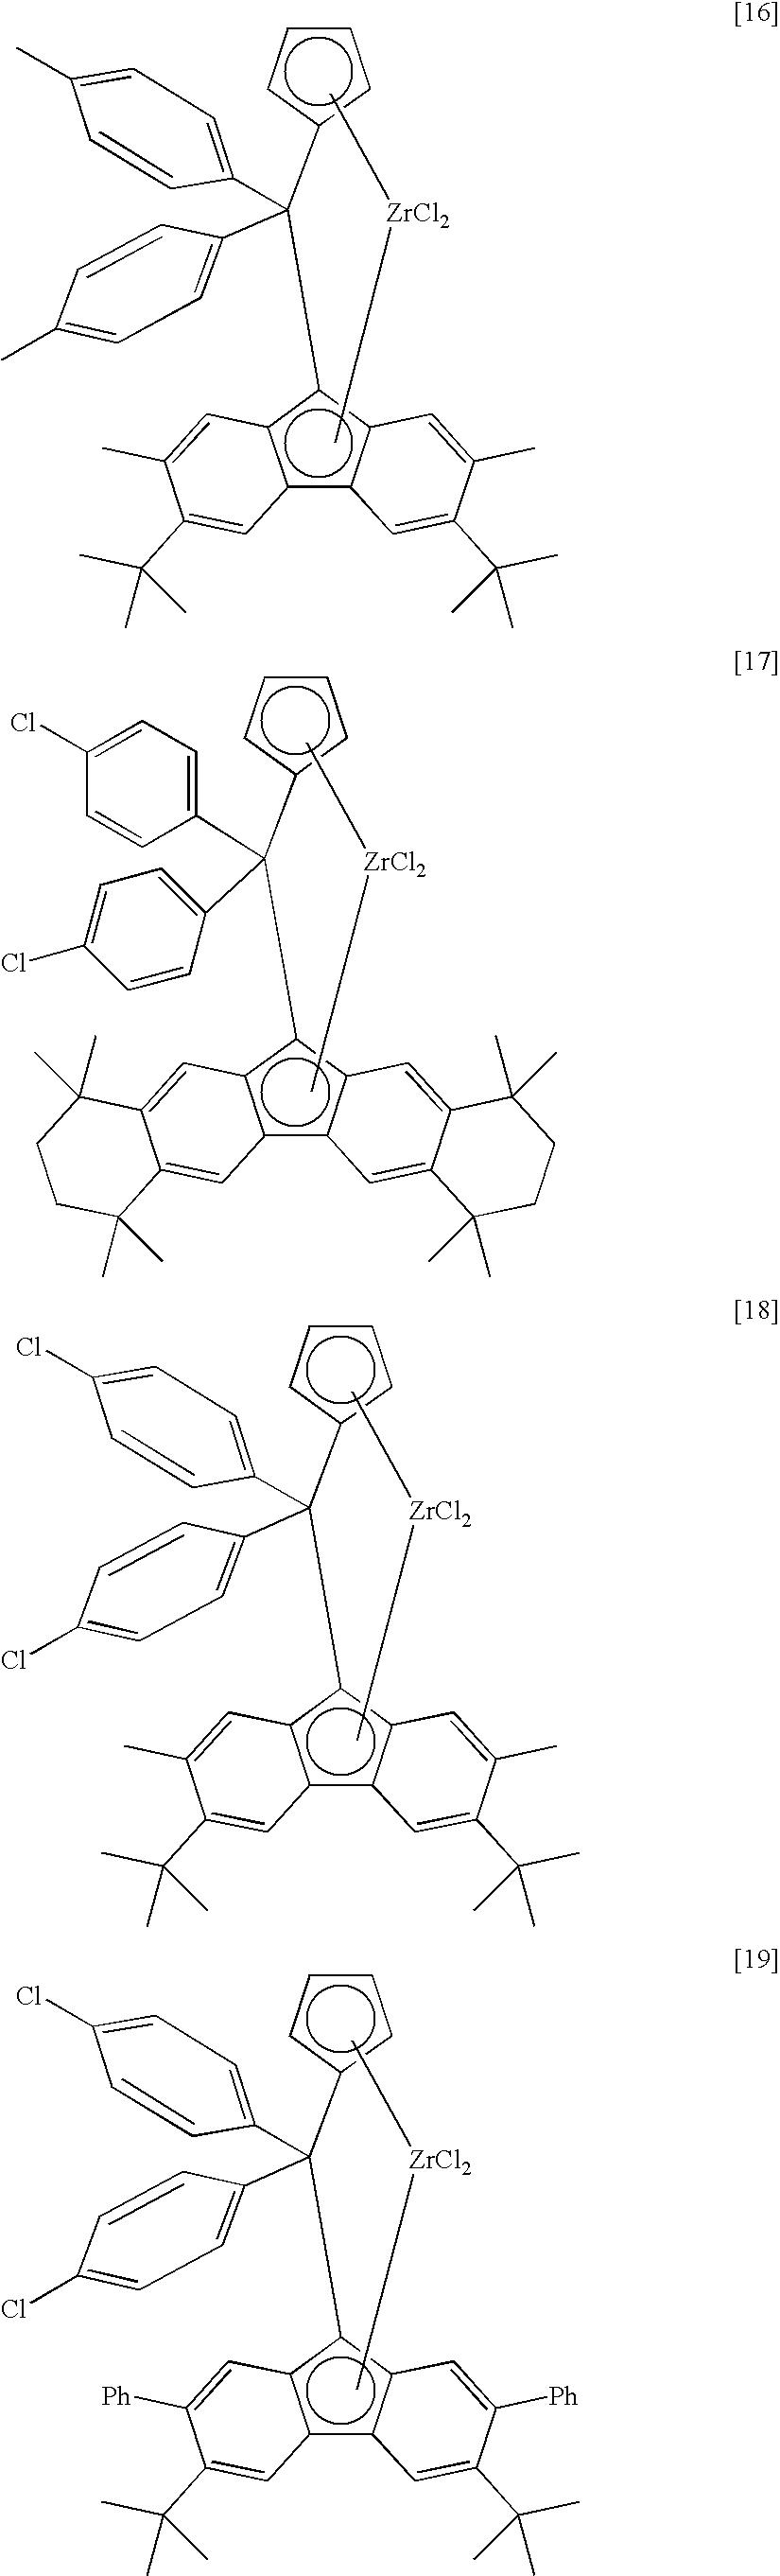 Figure US20060116303A1-20060601-C00007